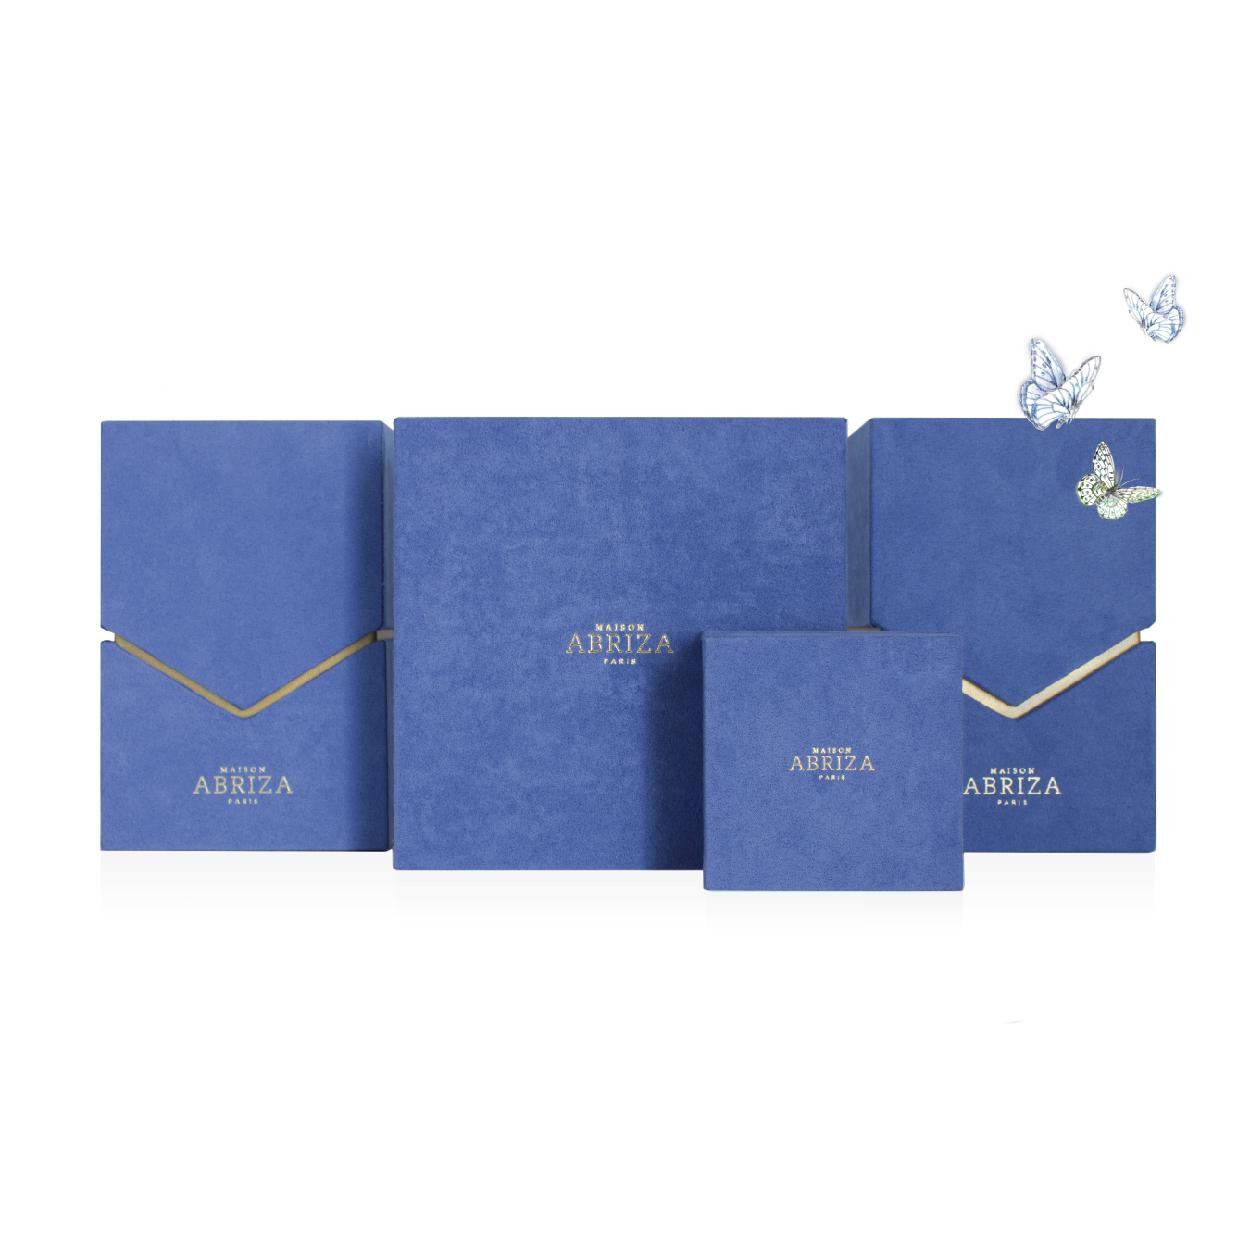 Création logo design produit packaging brochure leaflet Artisant coffret MAISON ABRIZA PARIS